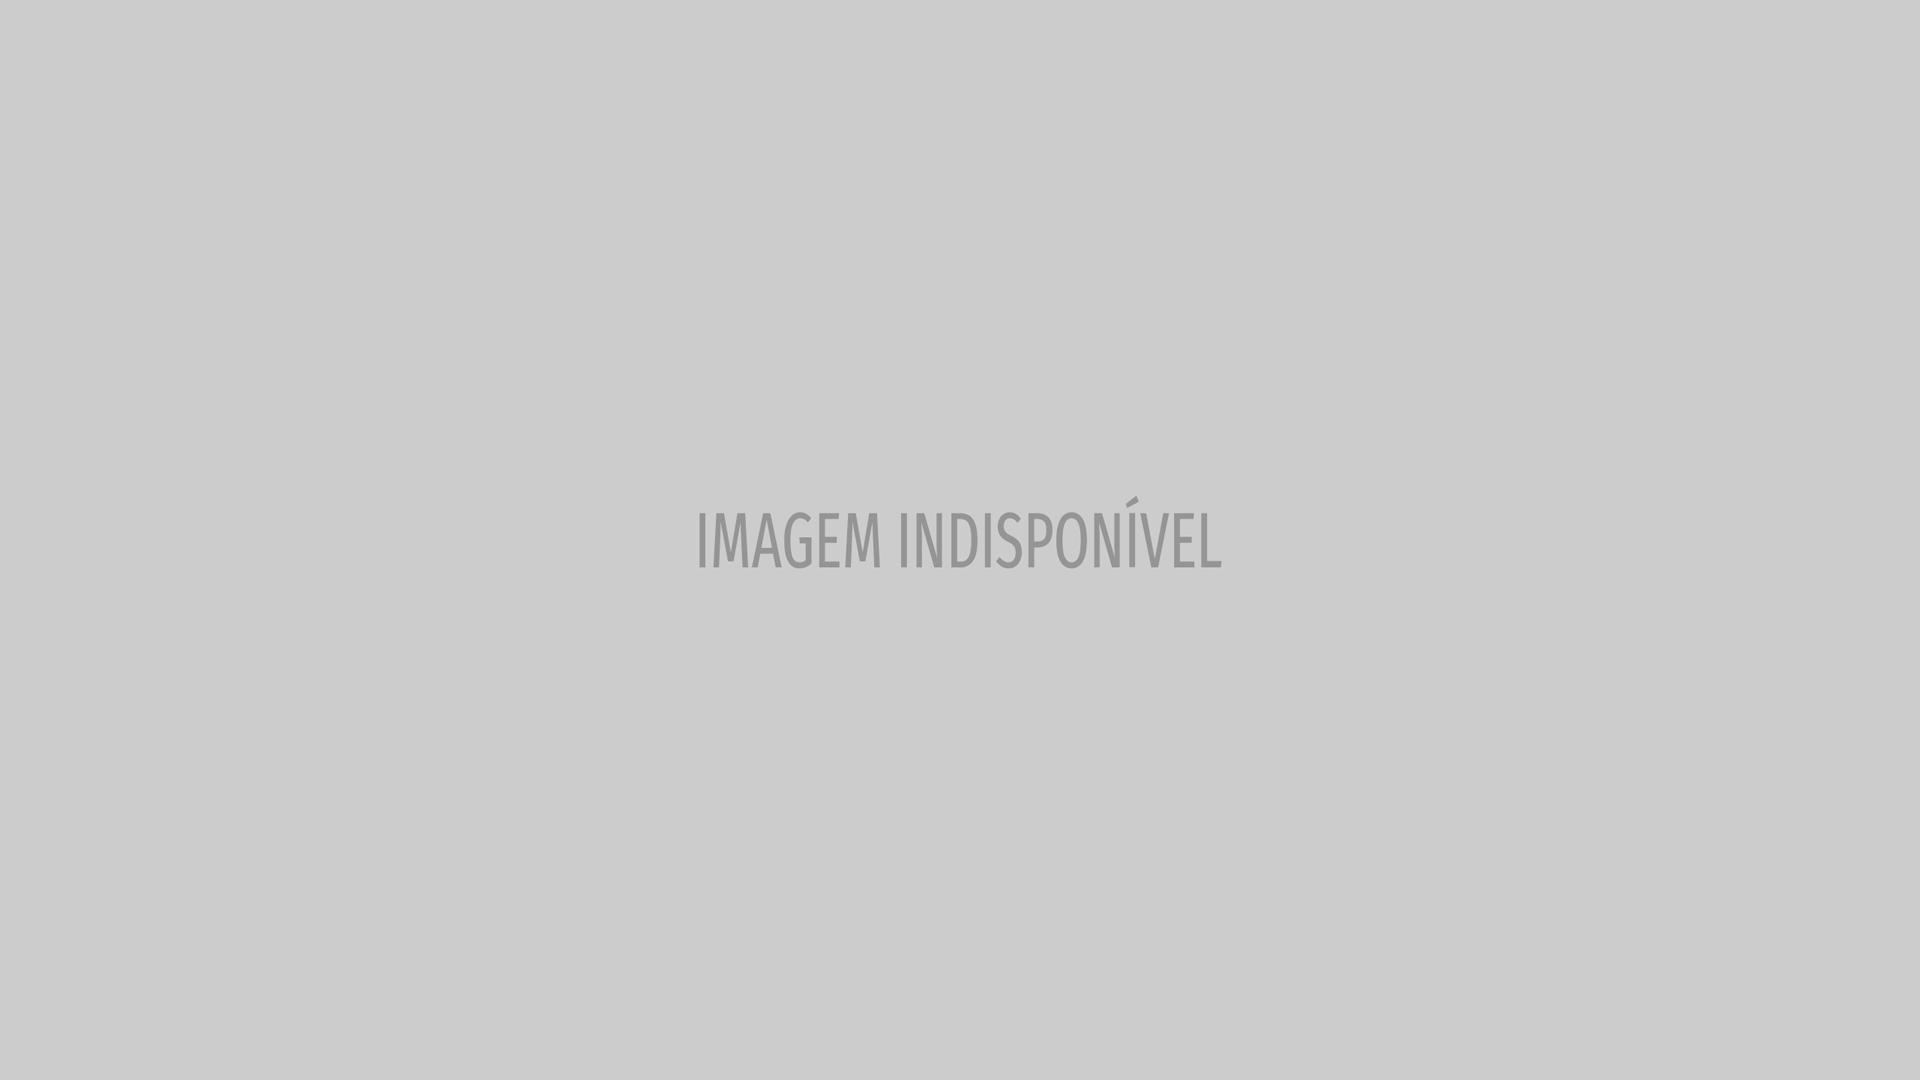 Geraldo Luís em tributo a Rezende: 'Amei nossos momentos de dor e amor'